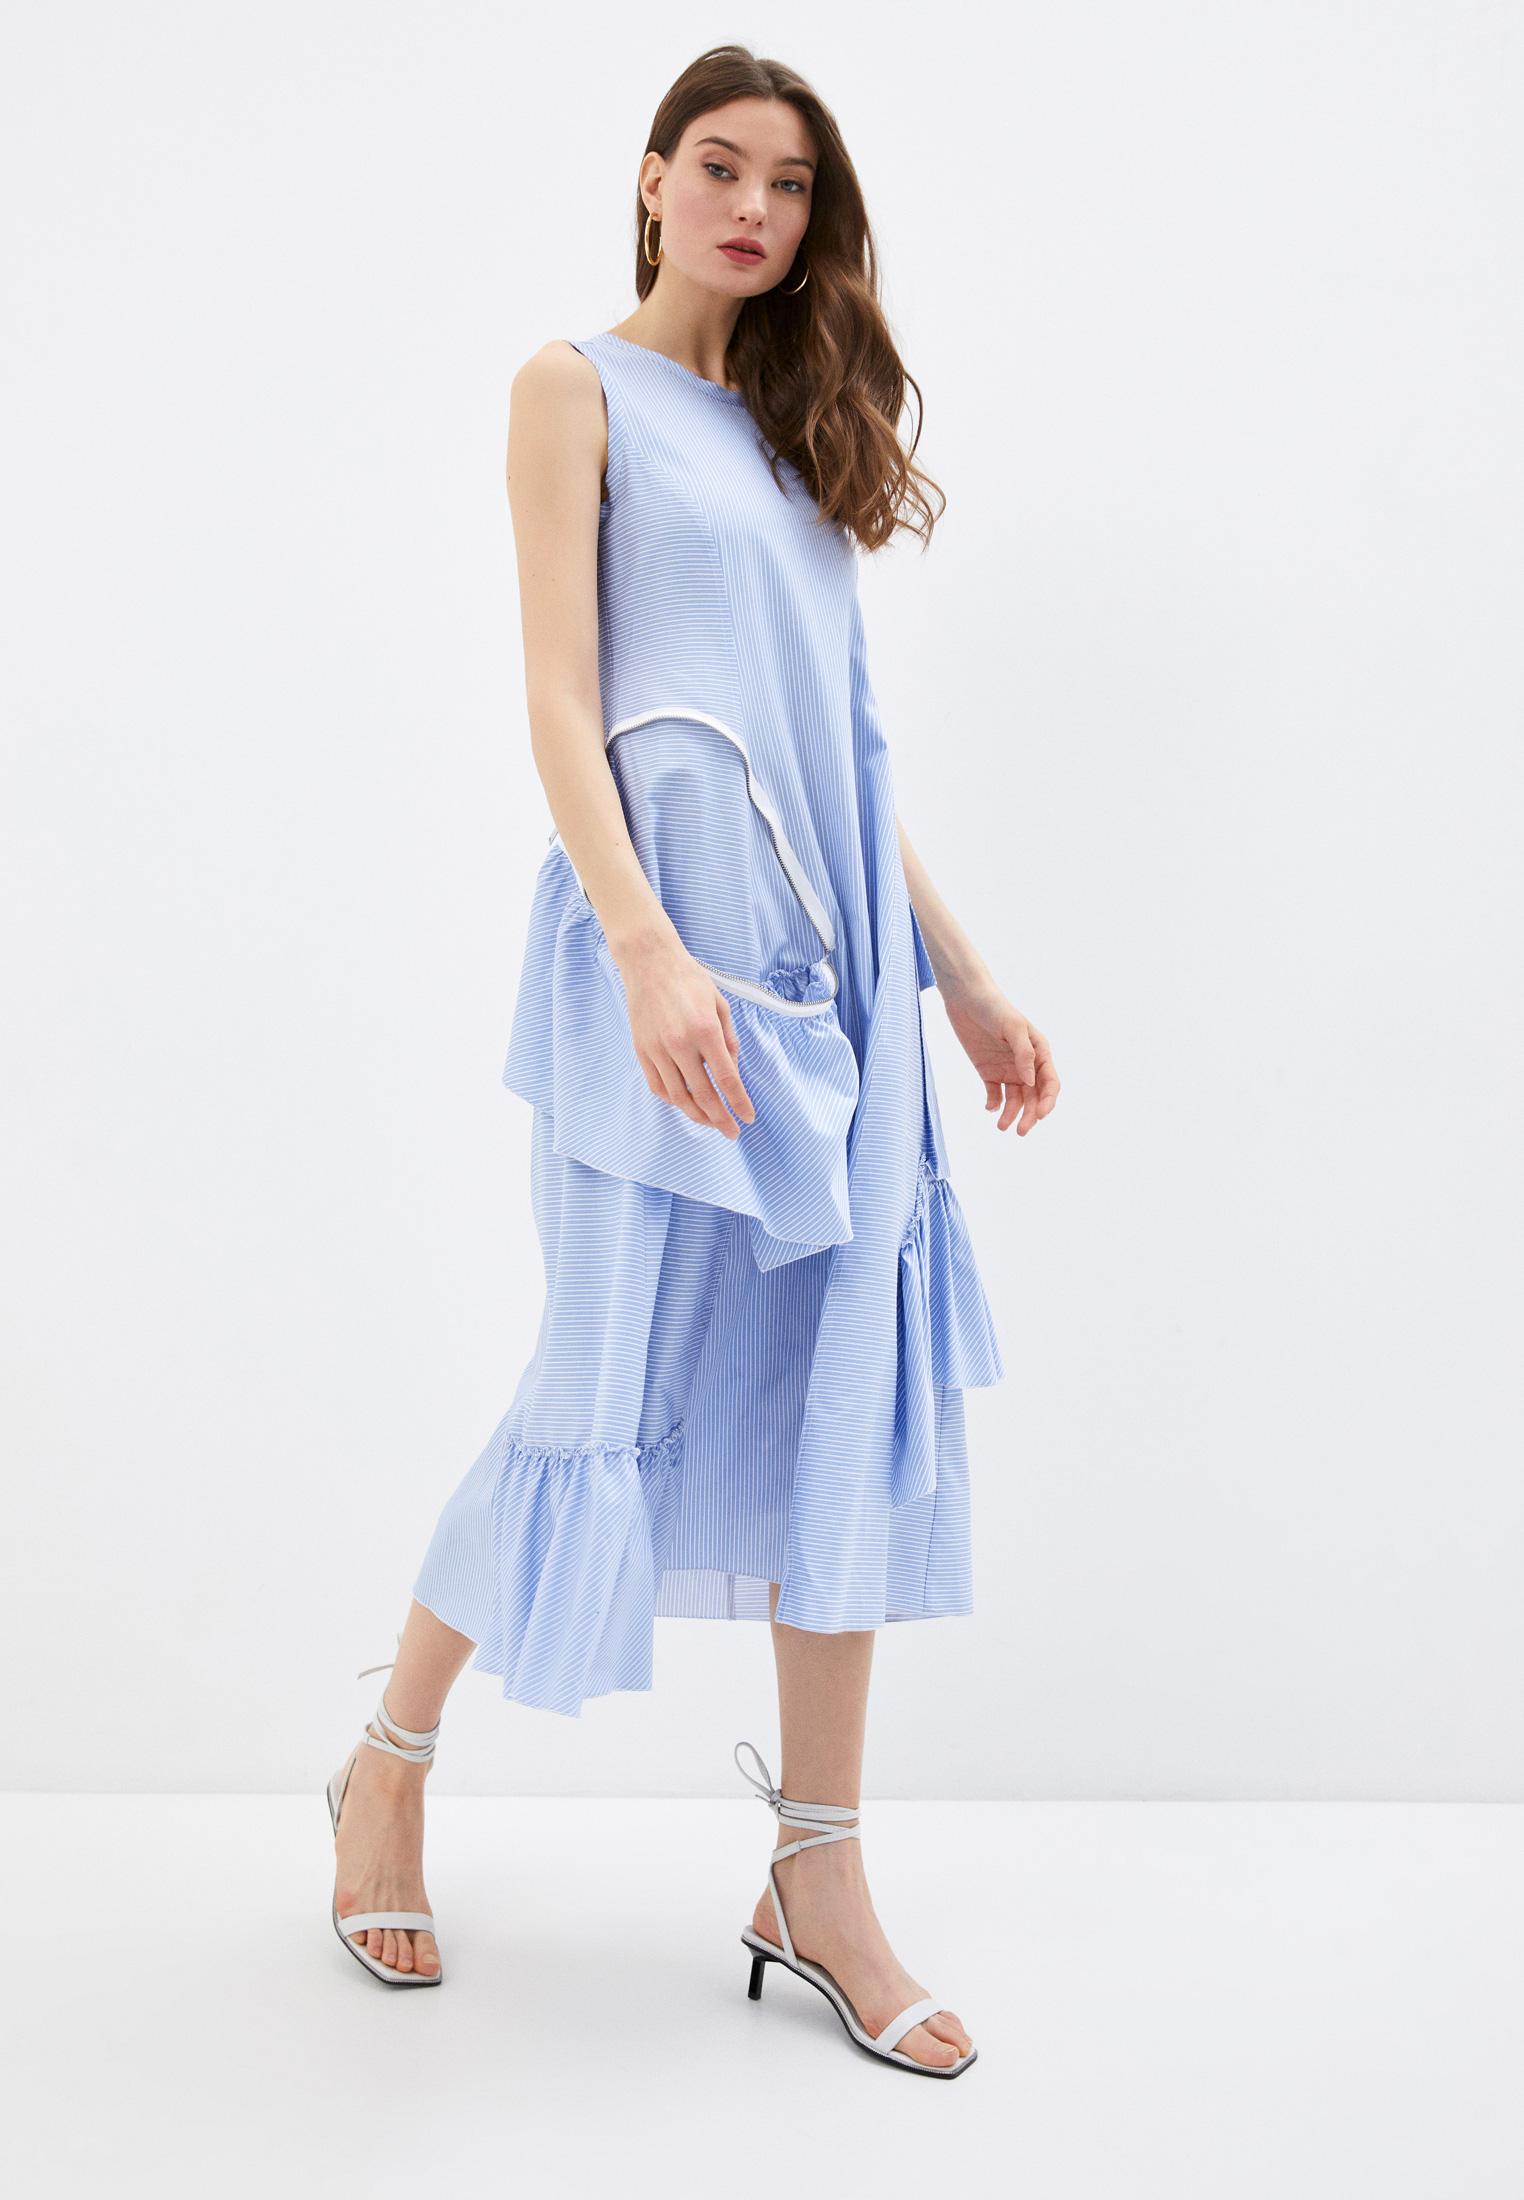 Повседневное платье Iceberg (Айсберг) Платье Iceberg